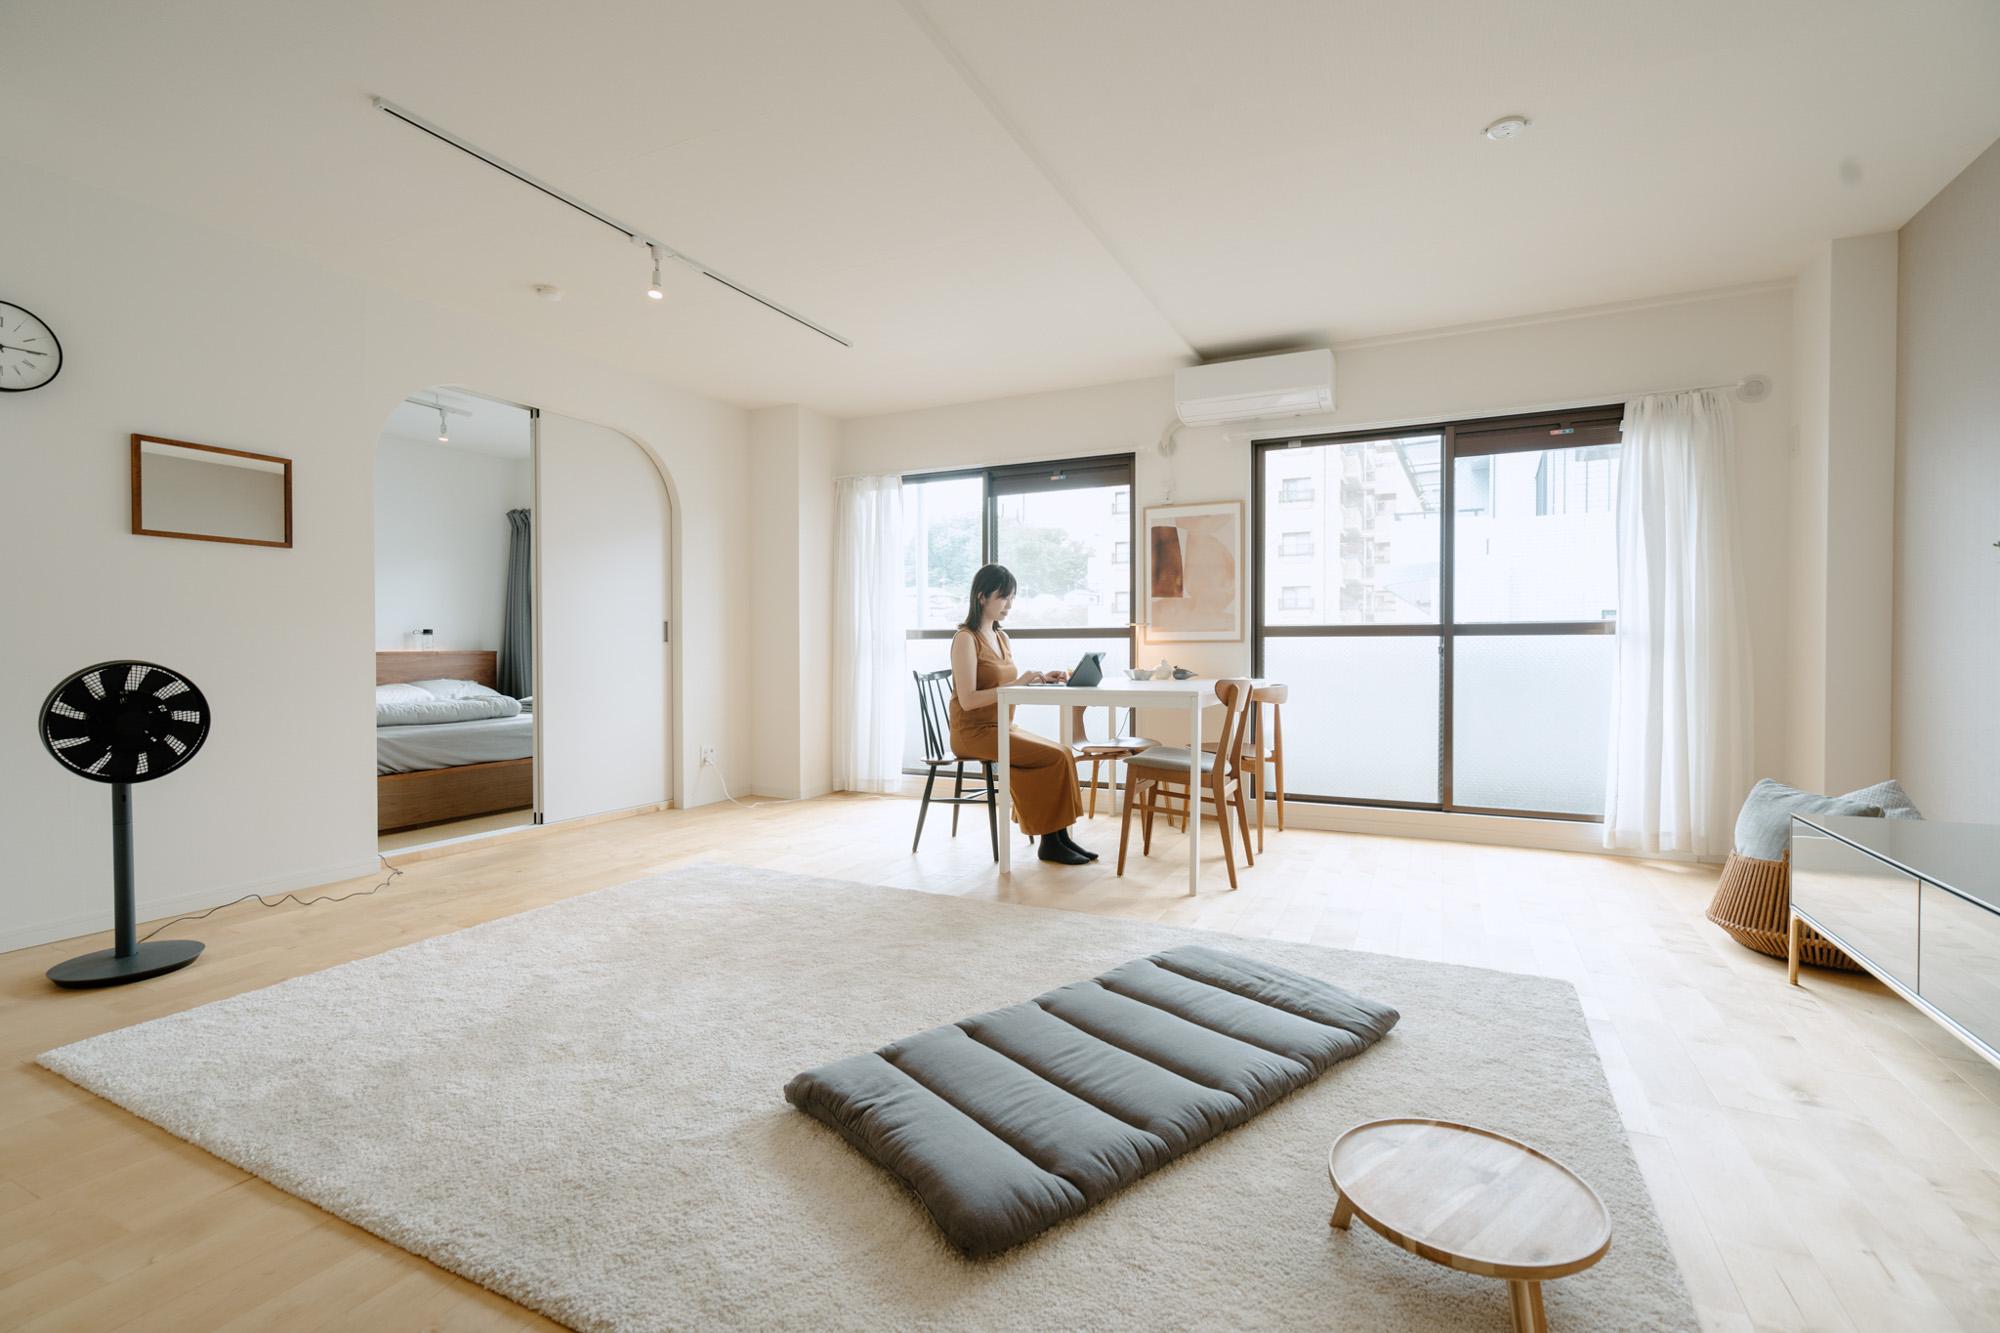 「部屋に入った時の開放感が気に入りました」という横長のLDKは約19畳。家具を極力少なく、シンプルに暮らしていらっしゃることもあって、とても広々と自由に寛げそうな雰囲気です。